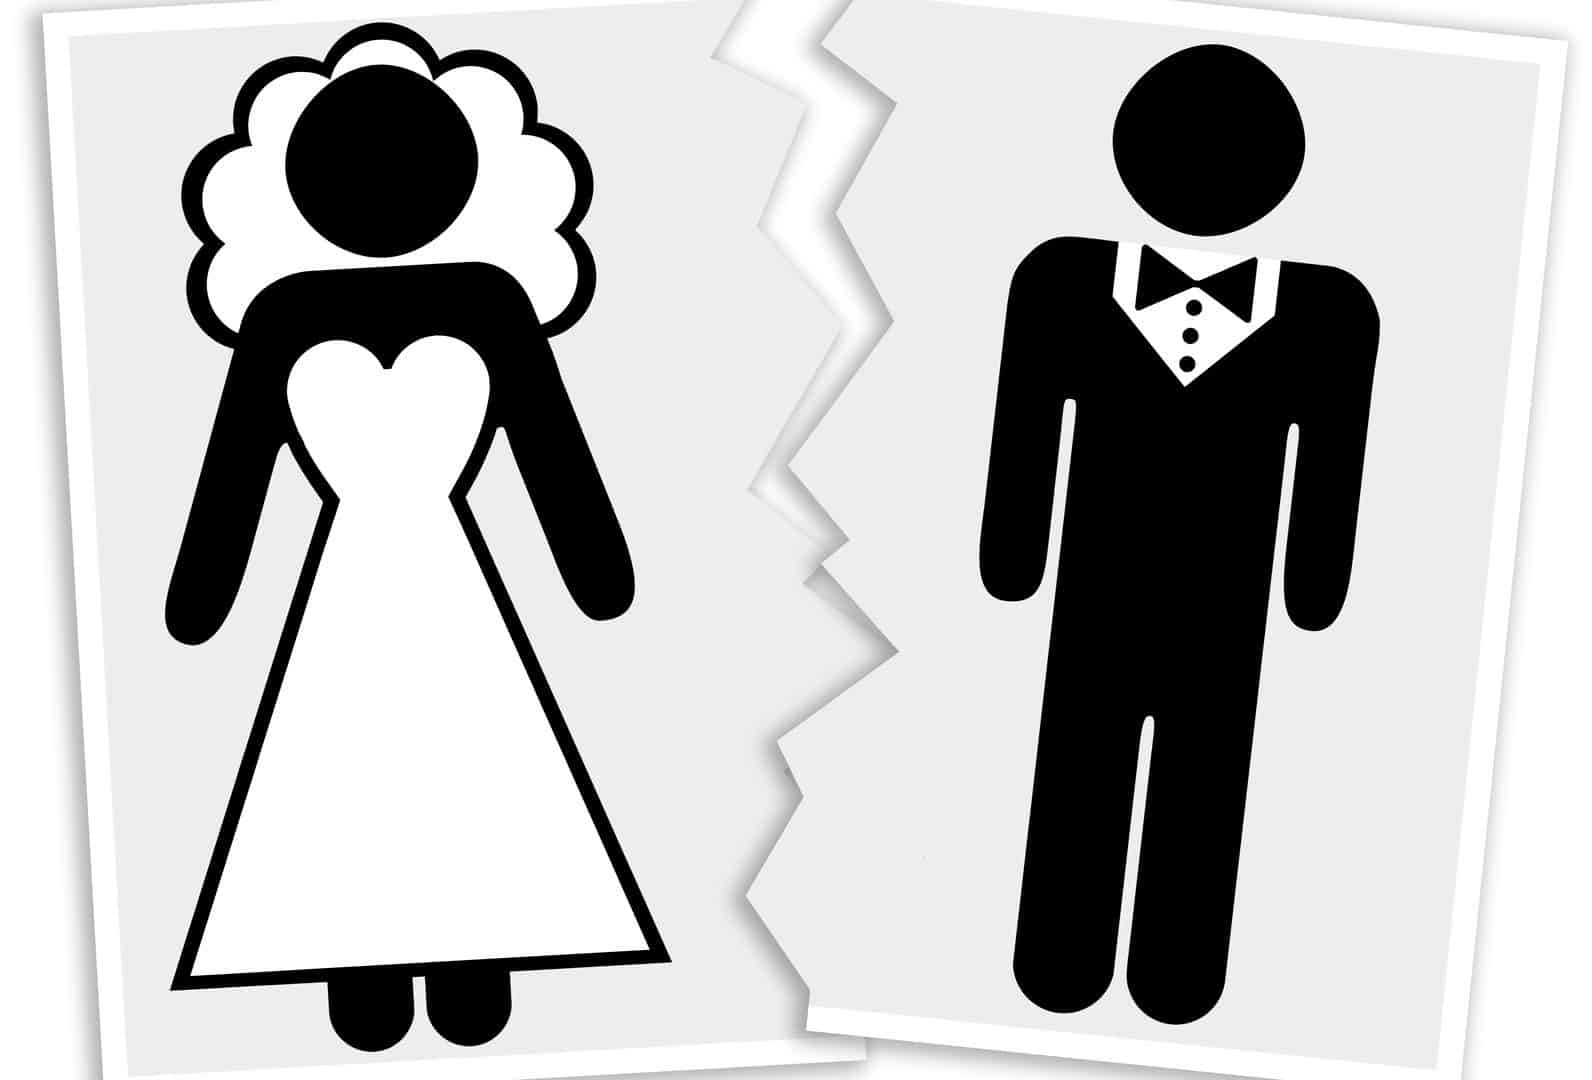 Dopo la prima notte di nozze la moglie chiede il divorzio per un motivo imbarazzante